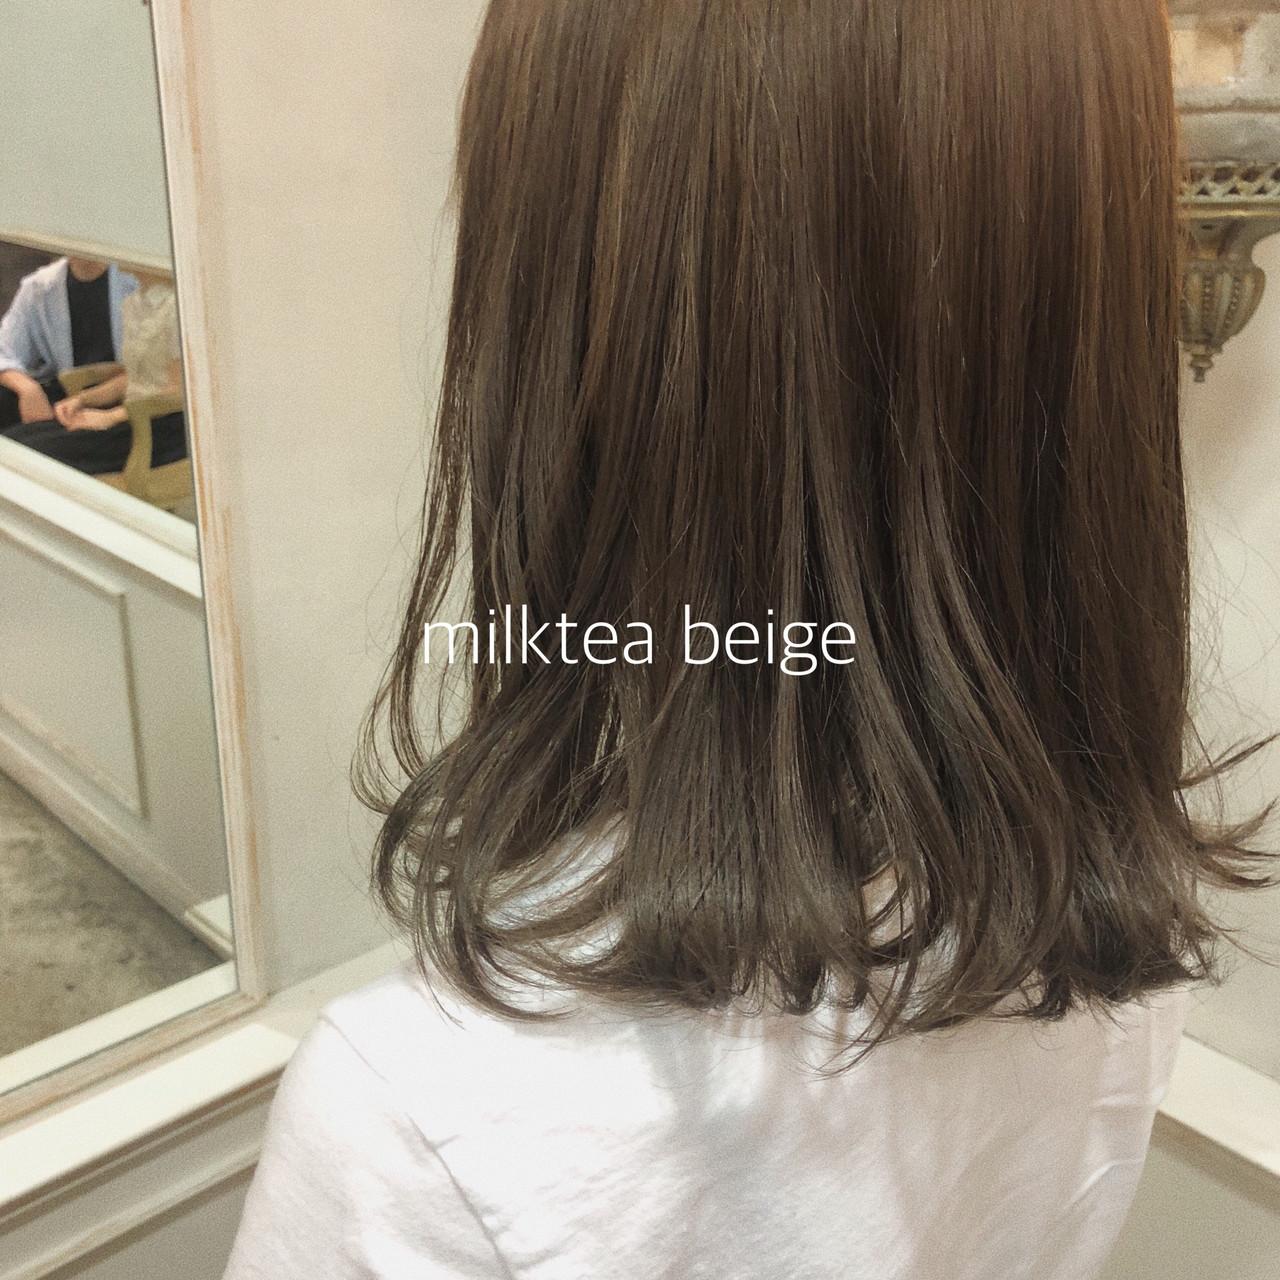 ヘアアレンジ ミルクティーベージュ 簡単ヘアアレンジ シースルーバング ヘアスタイルや髪型の写真・画像